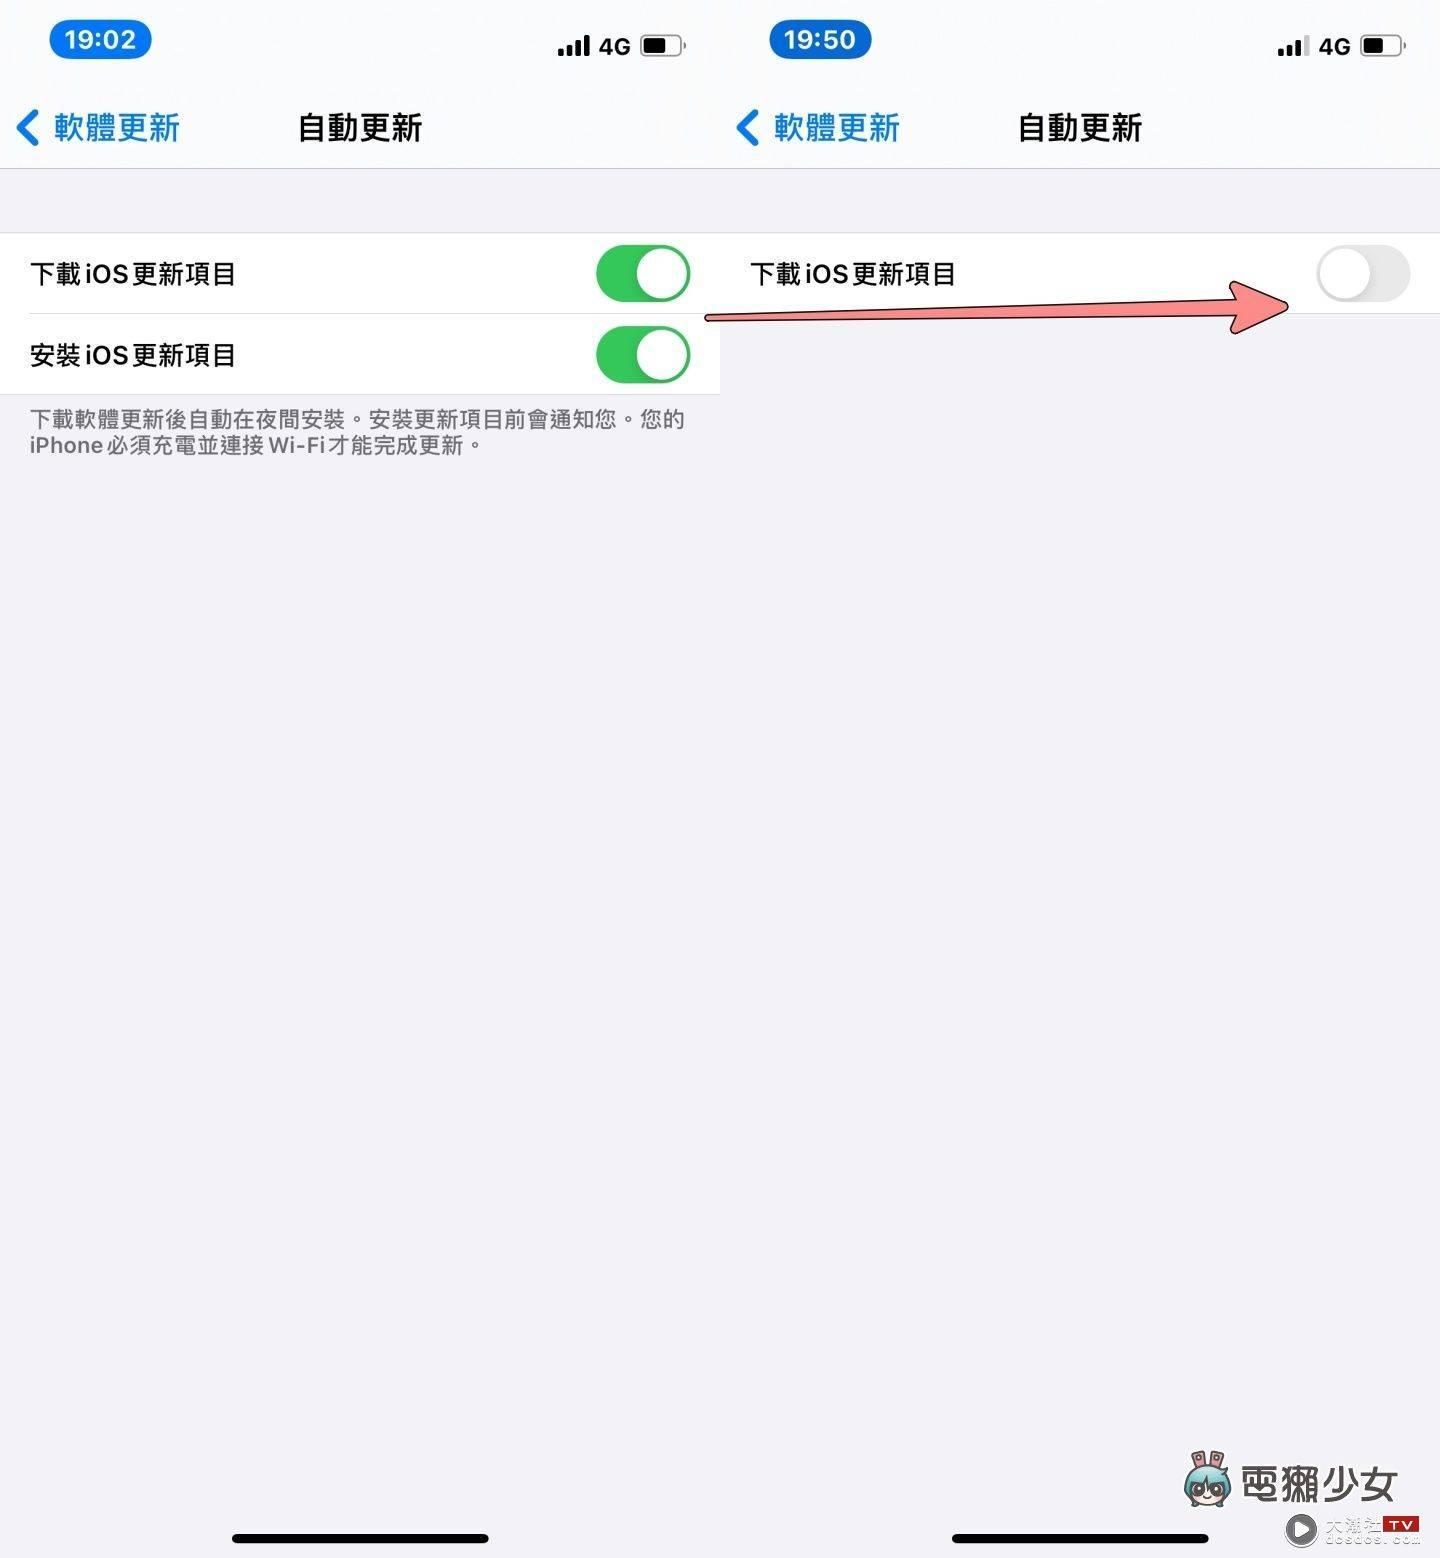 还不想升级到 iOS 15?教你一键手动快速关闭 iPhone 的自动更新